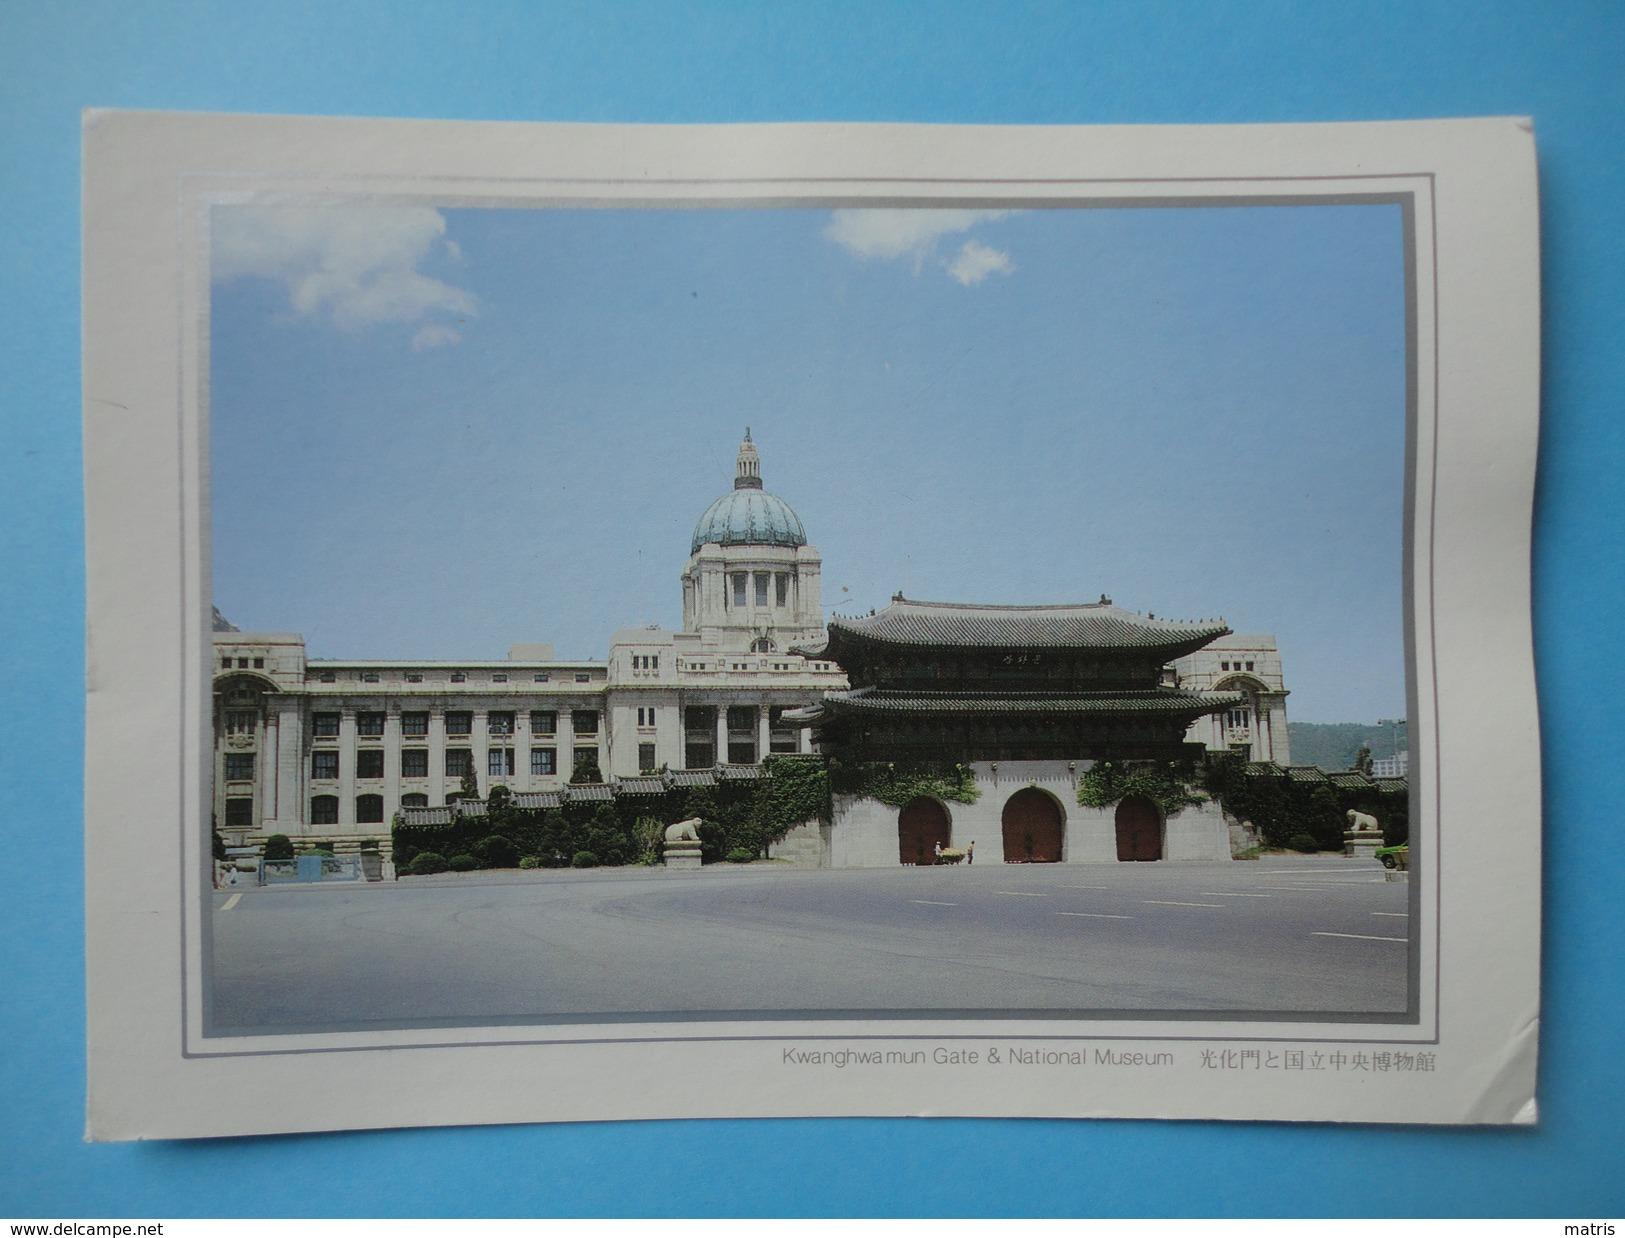 Kwanghwa Mun Gate & National Museum - Corea Del Sud - Corea Del Sud